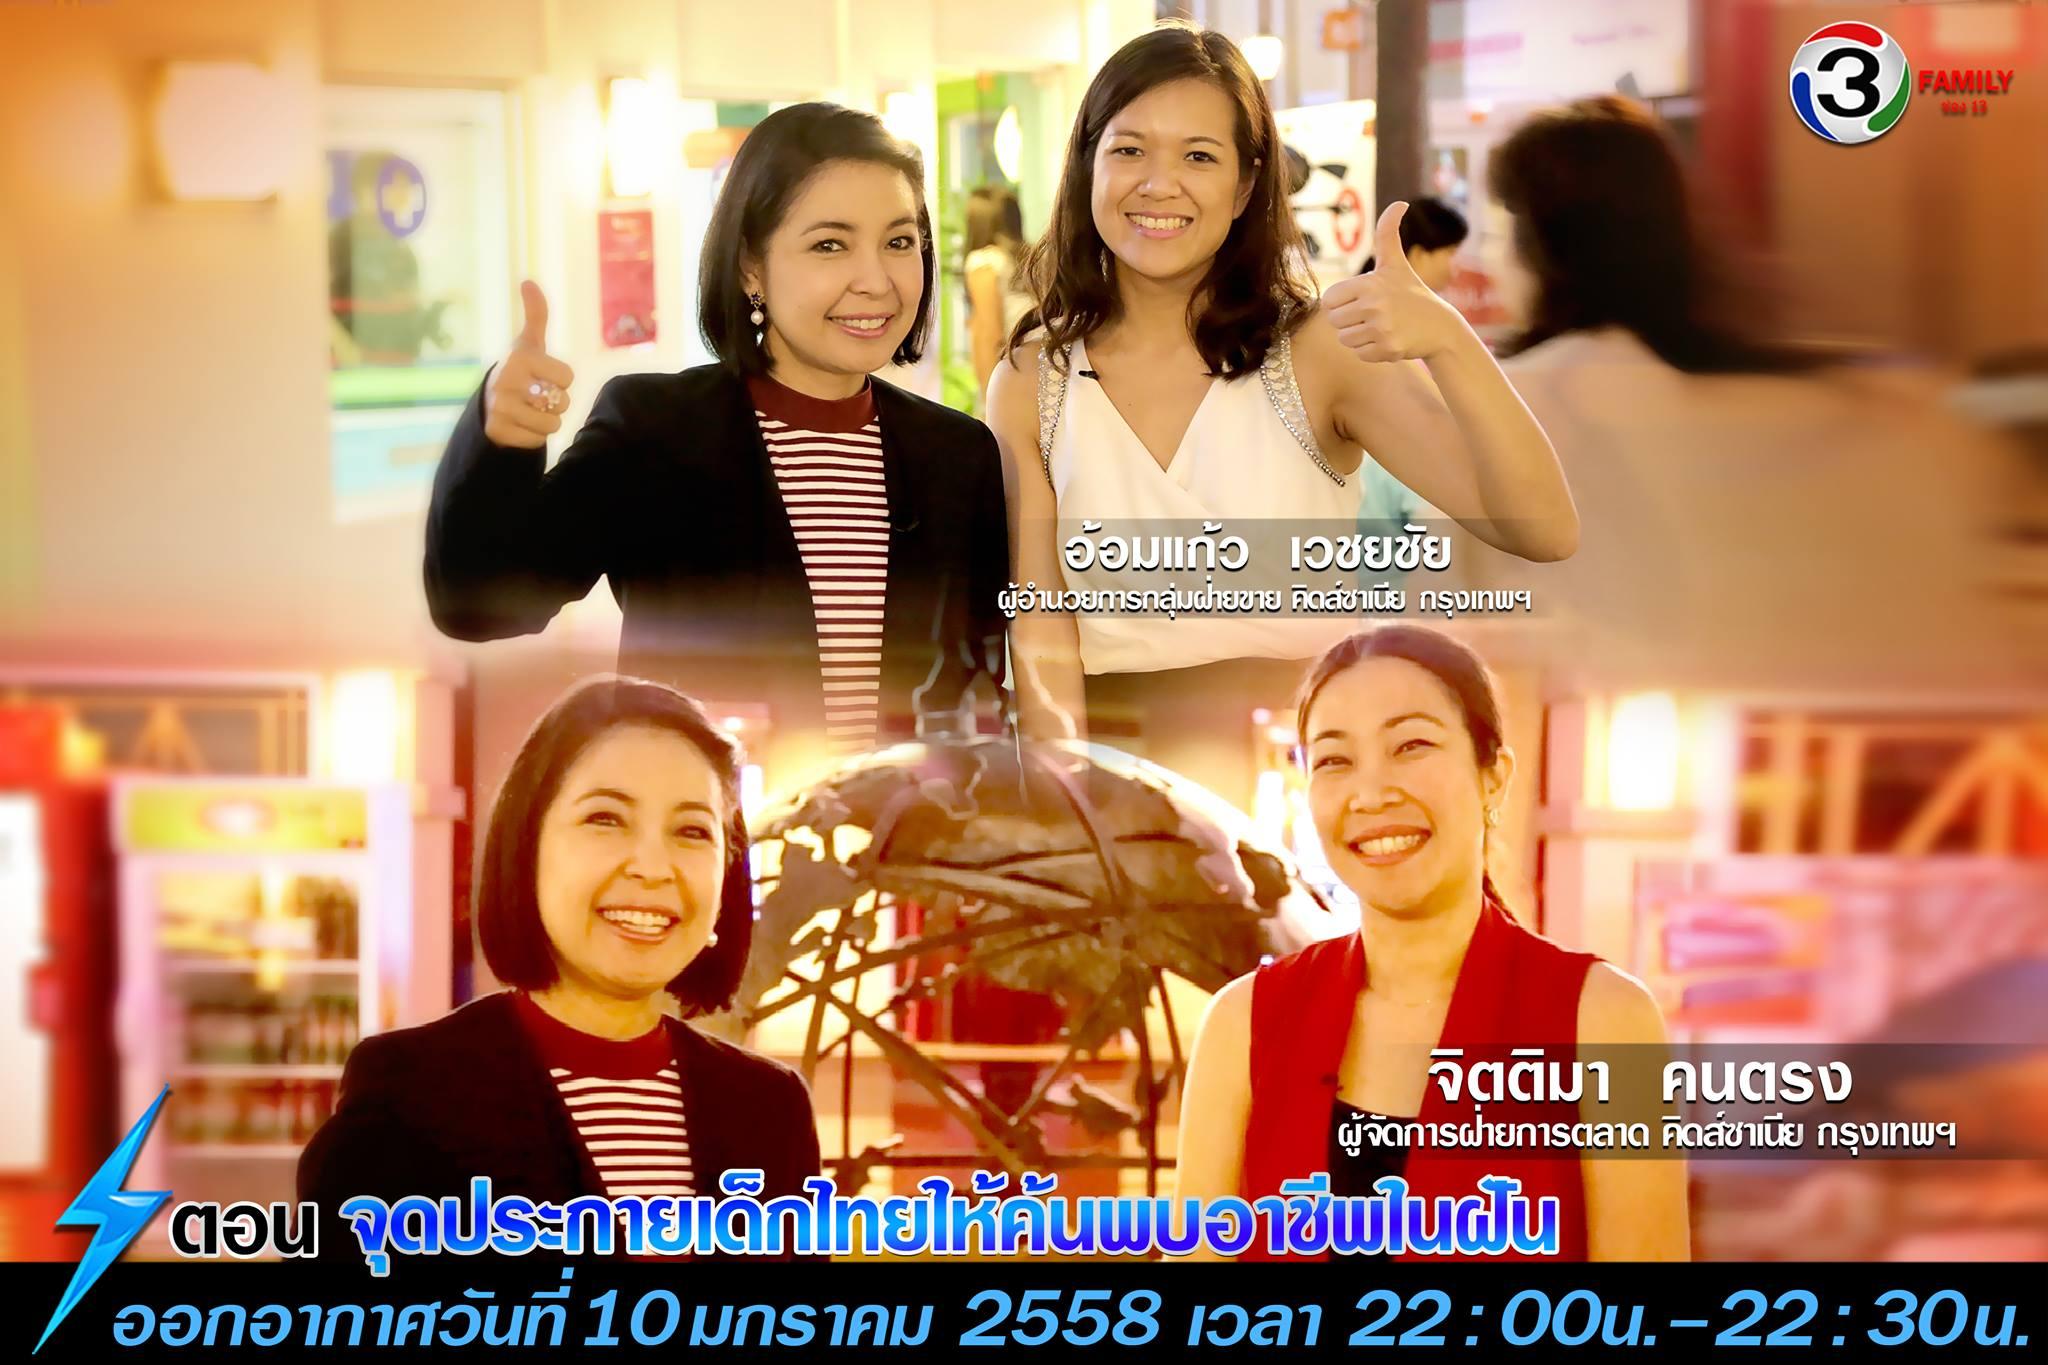 จุดประกายเด็กไทยให้ค้นพบอาชีพในฝัน